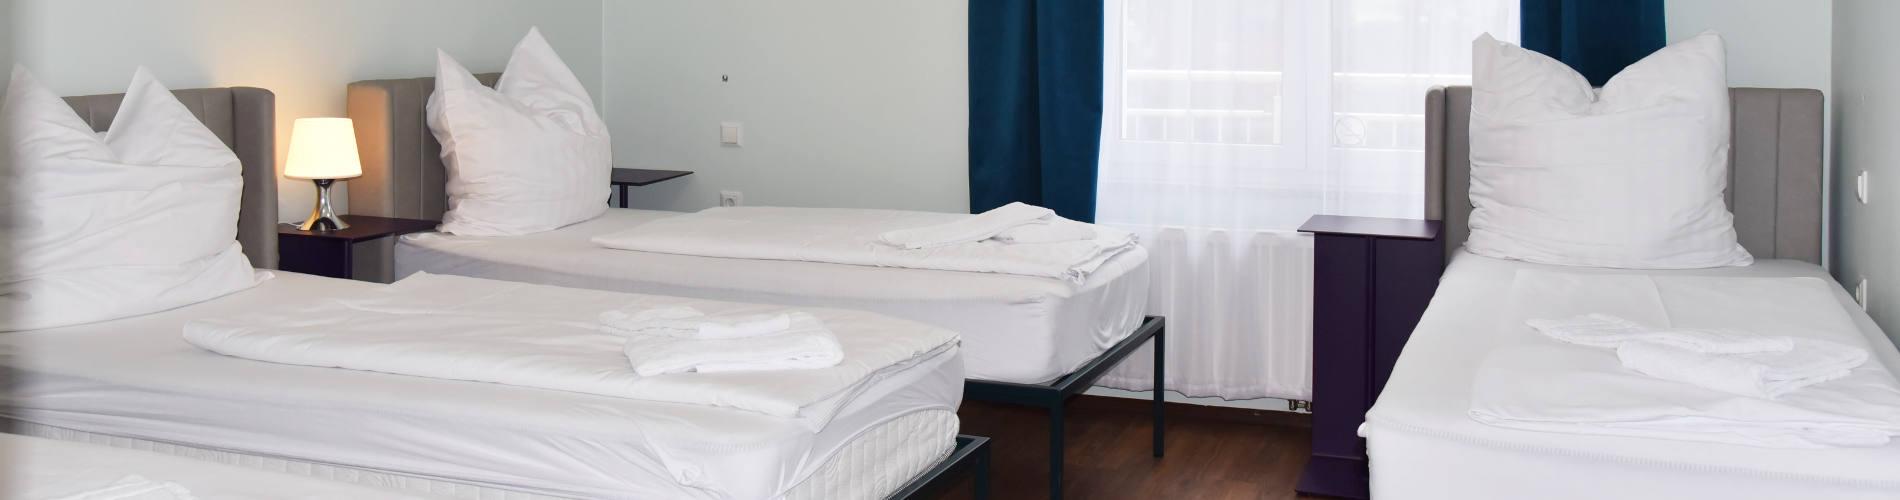 Full Size of Günstiges Bett Gnstiges Hotel Mnchen Classic Dreibettzimmer Paidi 160x200 Mit Lattenrost Und Matratze Modernes 180x200 Kiefer 90x200 Wildeiche Flexa Betten Bett Günstiges Bett